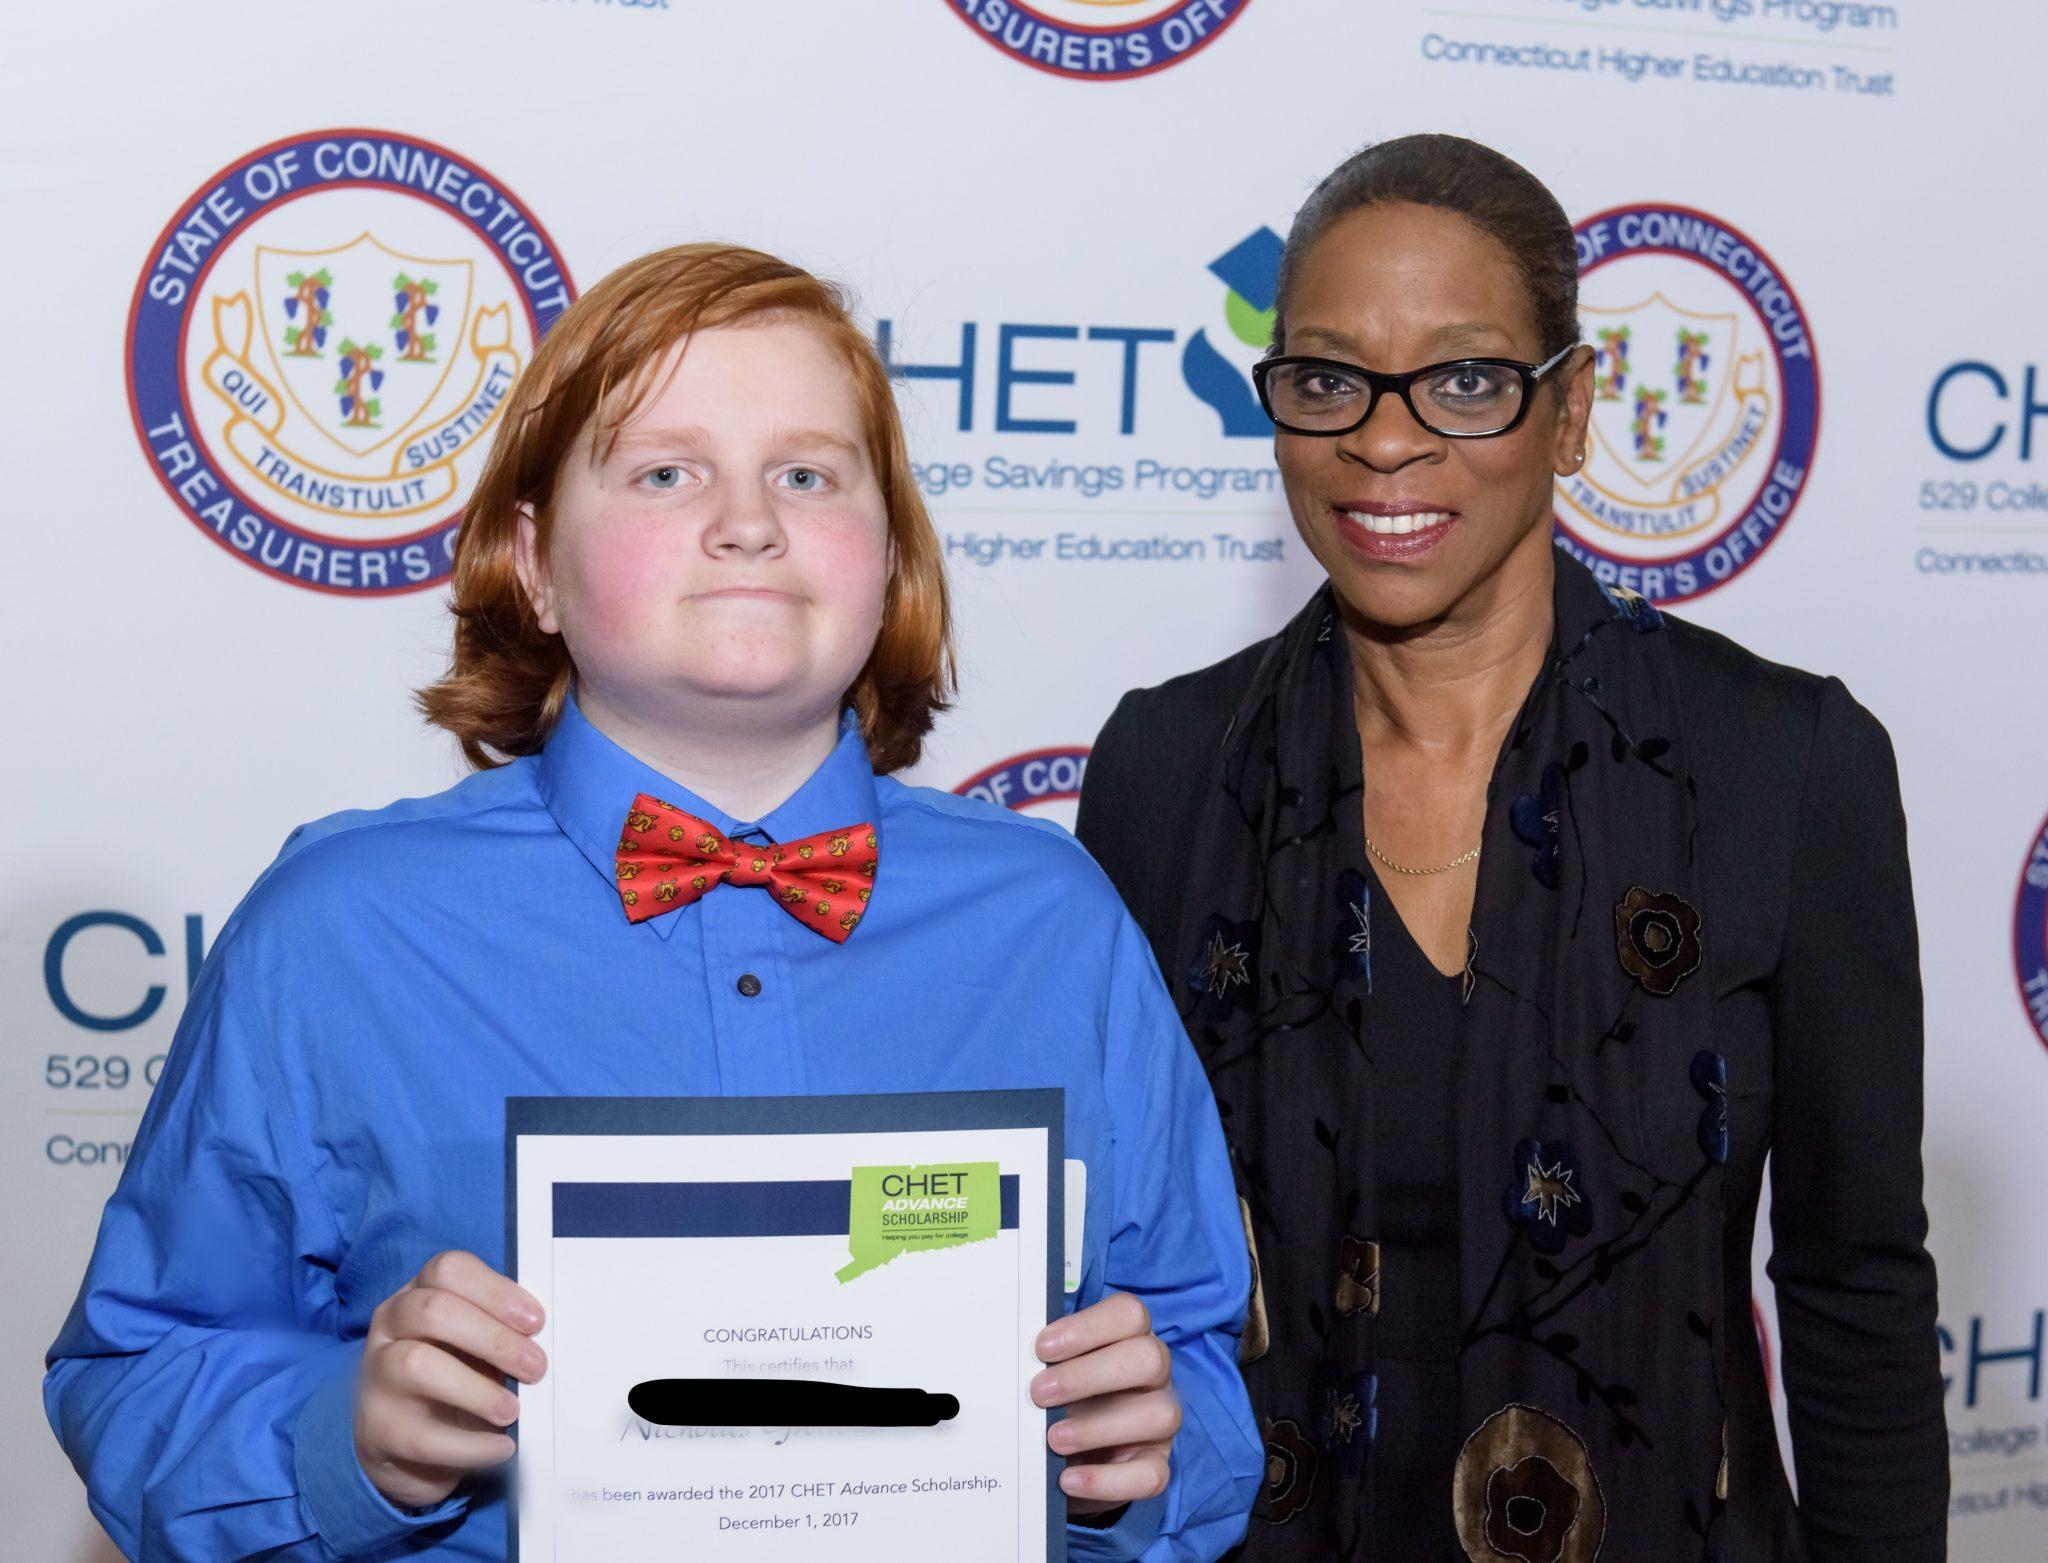 CHET Advance Scholarship Winner